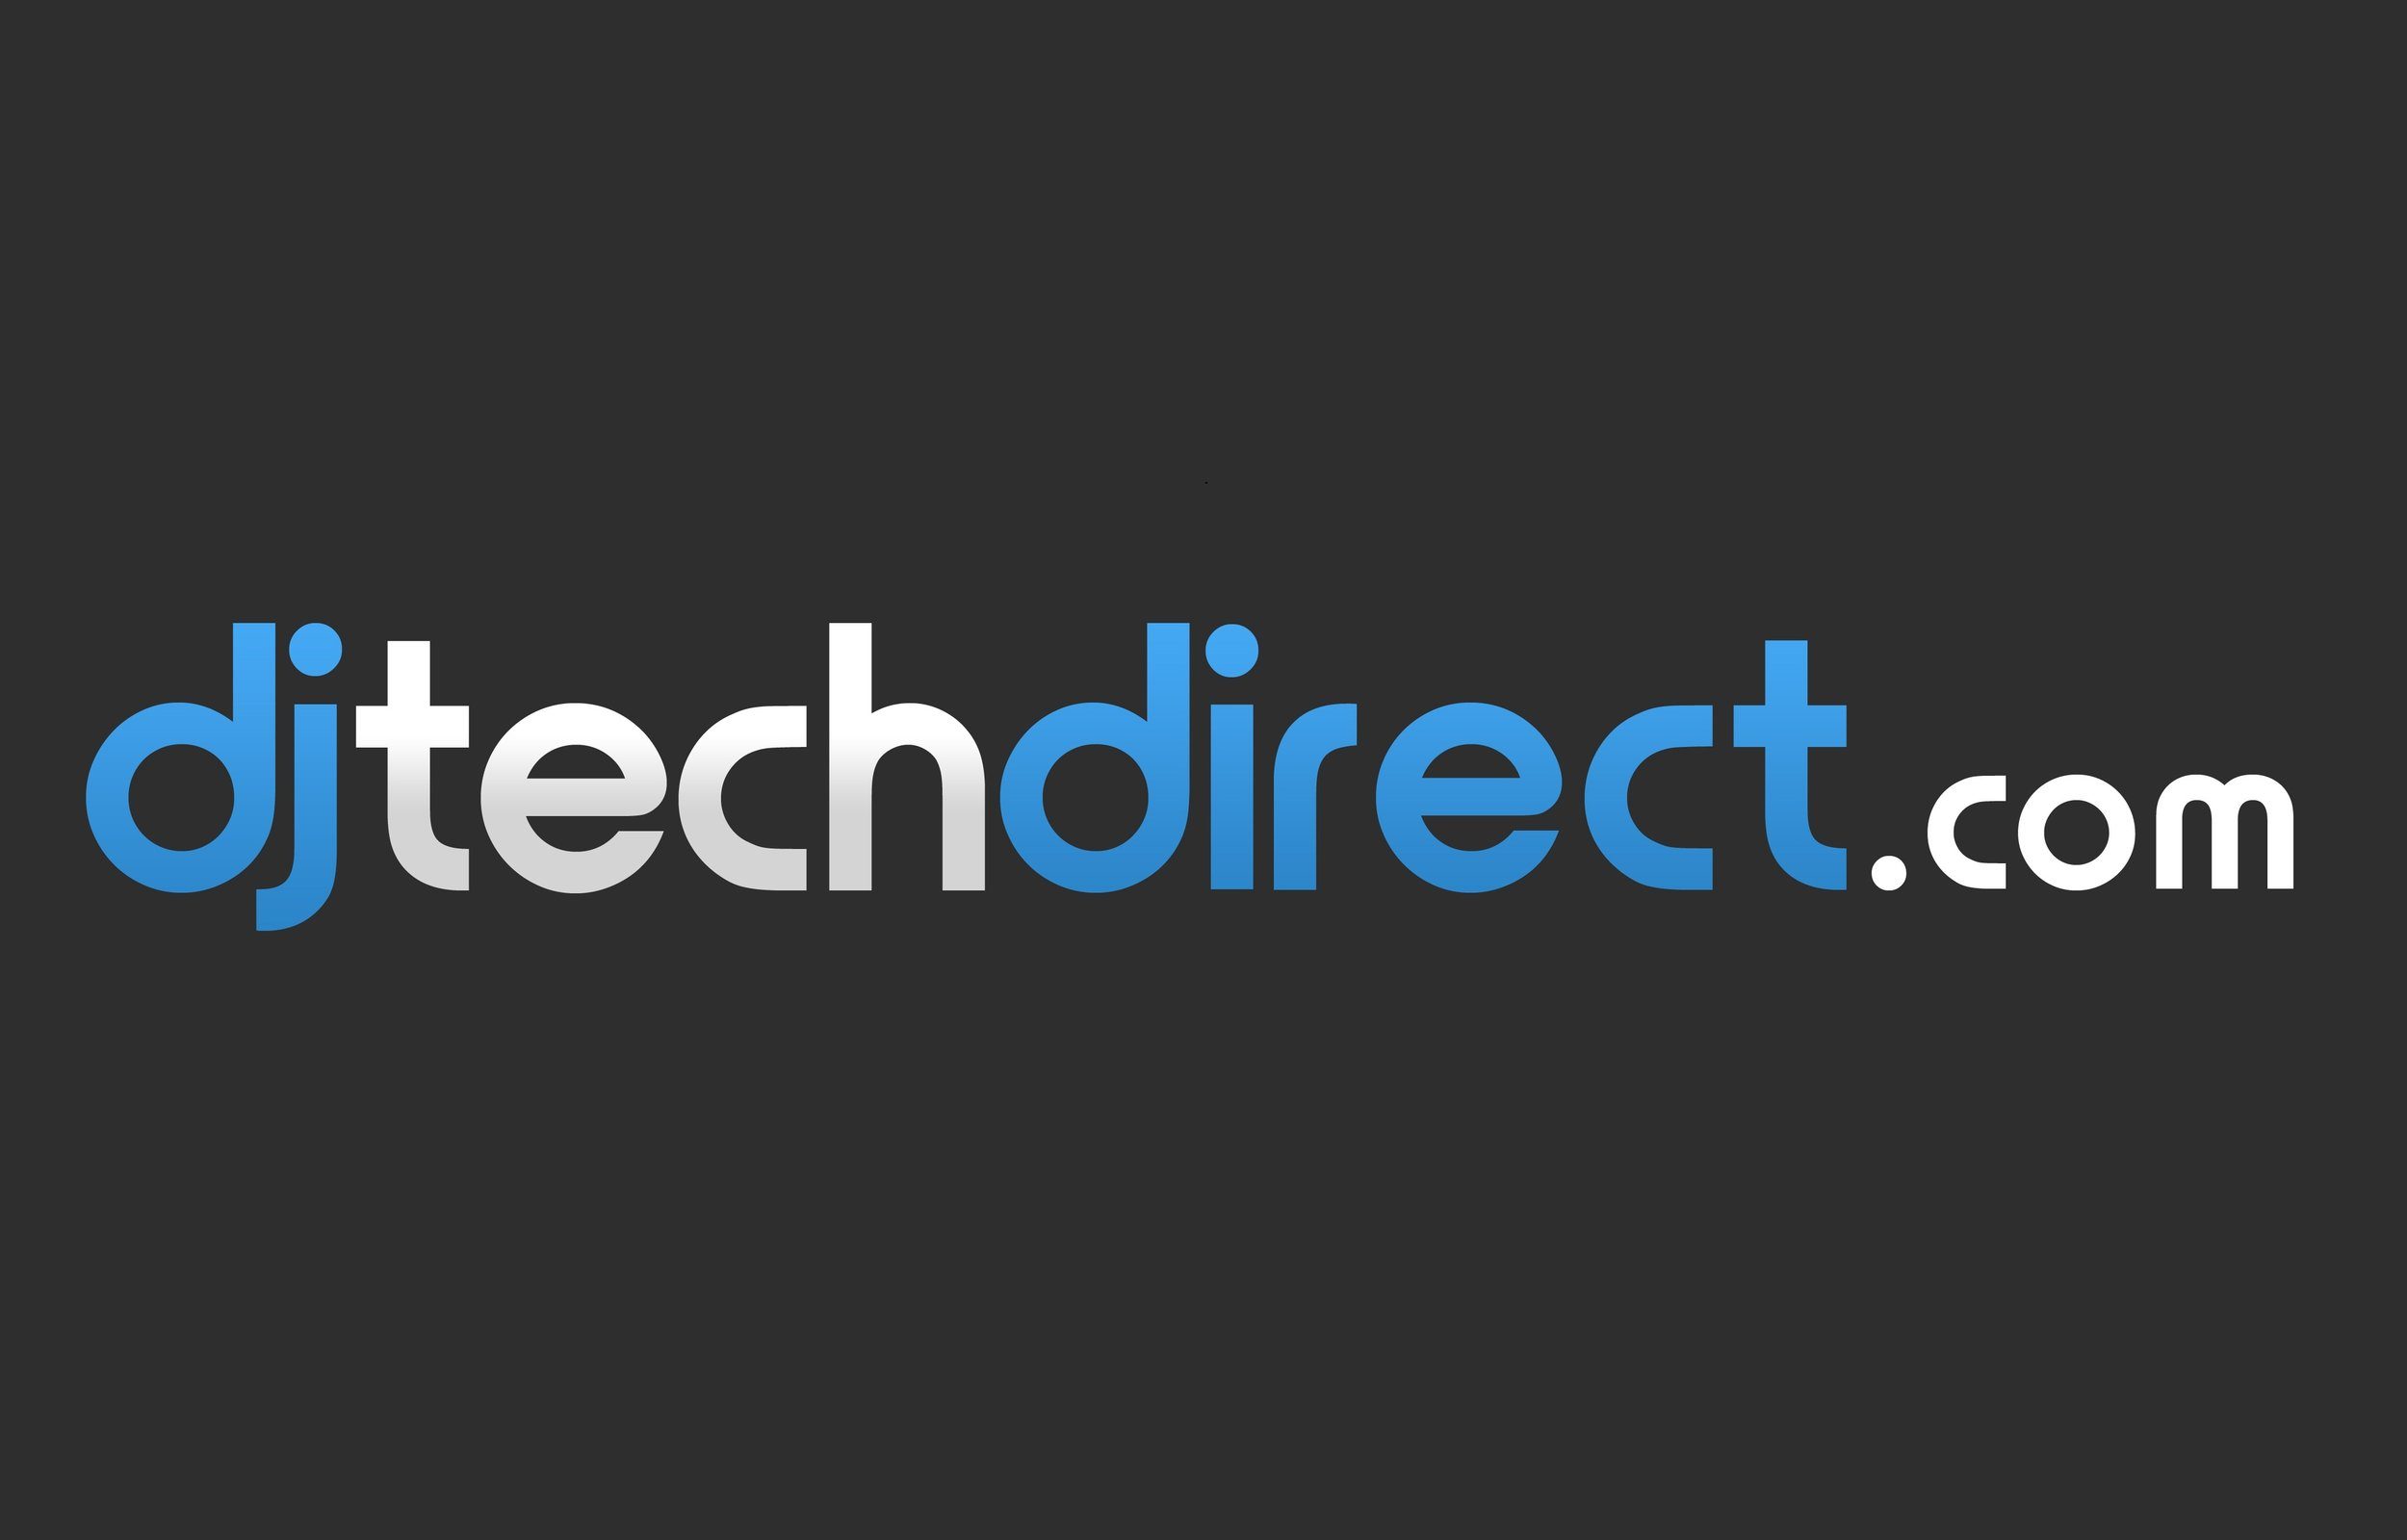 DJ Tech Direct.jpg